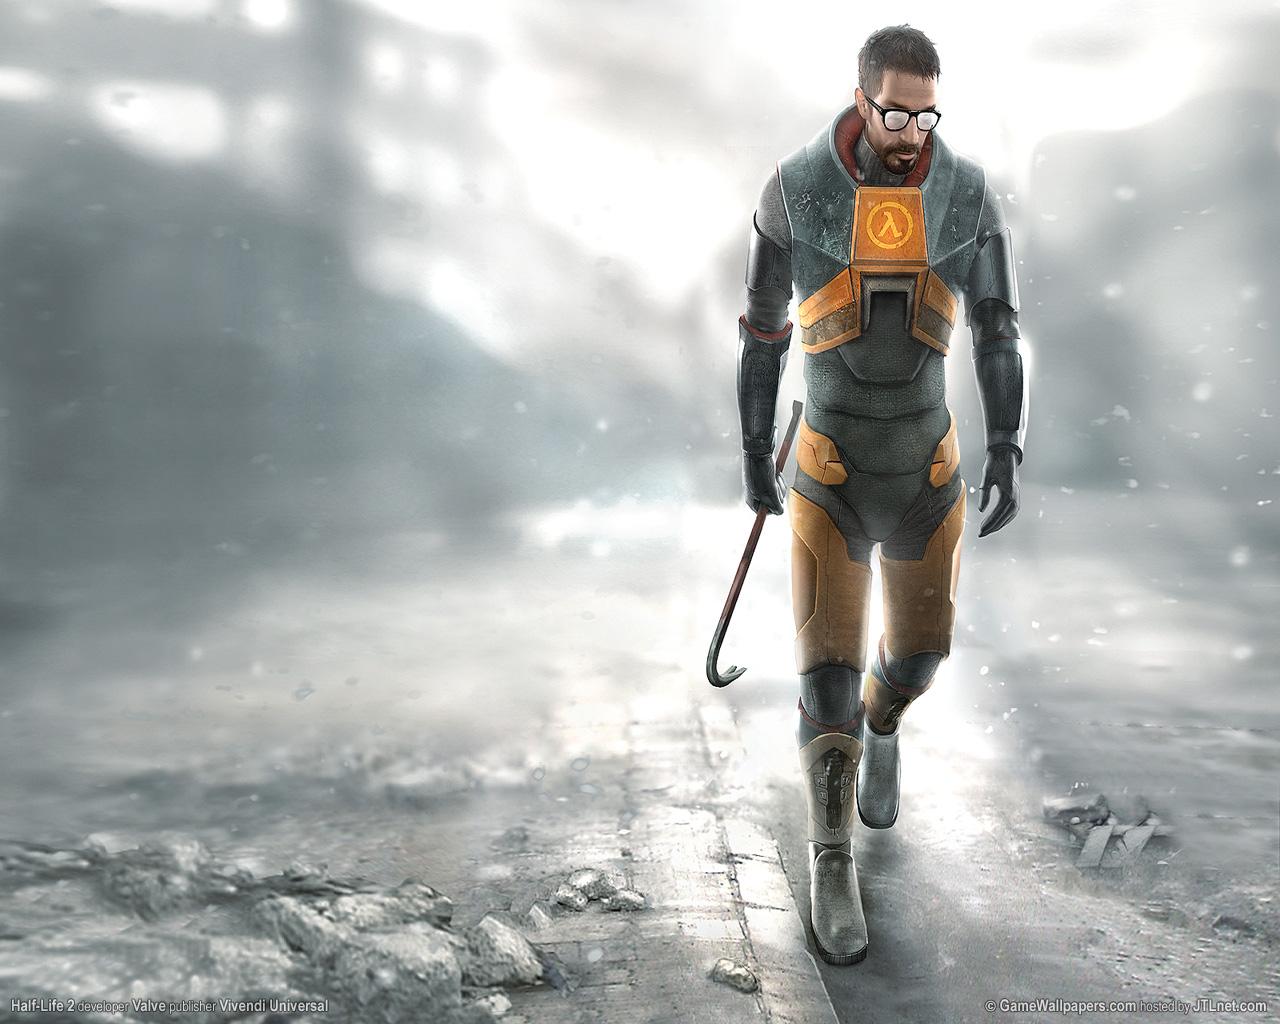 Por fin llega Half Life 2 Ep. tre... a no, solo es otro corto hecho por fans [Fan Made]